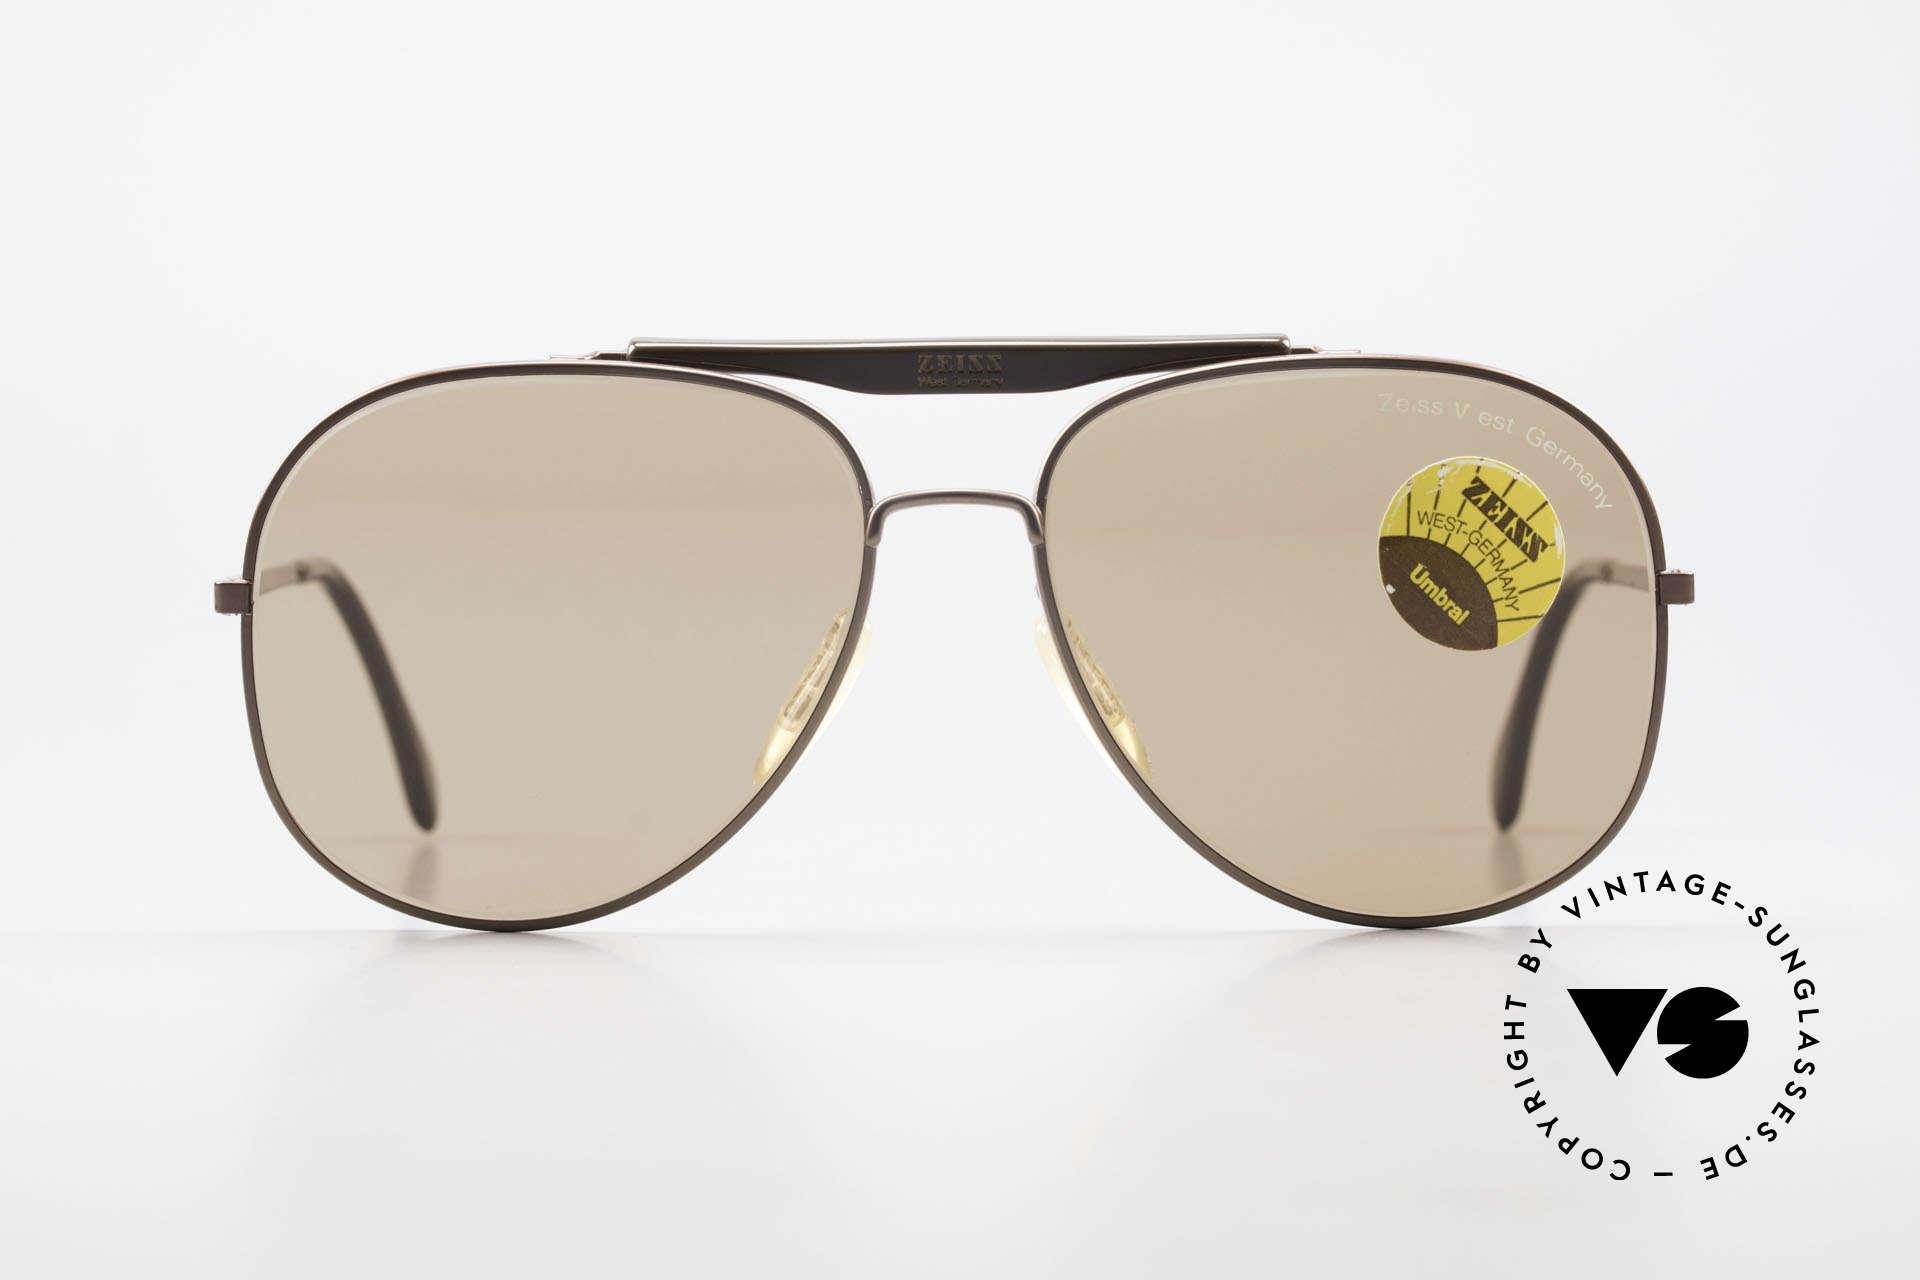 Zeiss 9337 Zurück in die Zukunft Brille, u.a. getragen von Michael J. Fox (alias Marty McFly), Passend für Herren